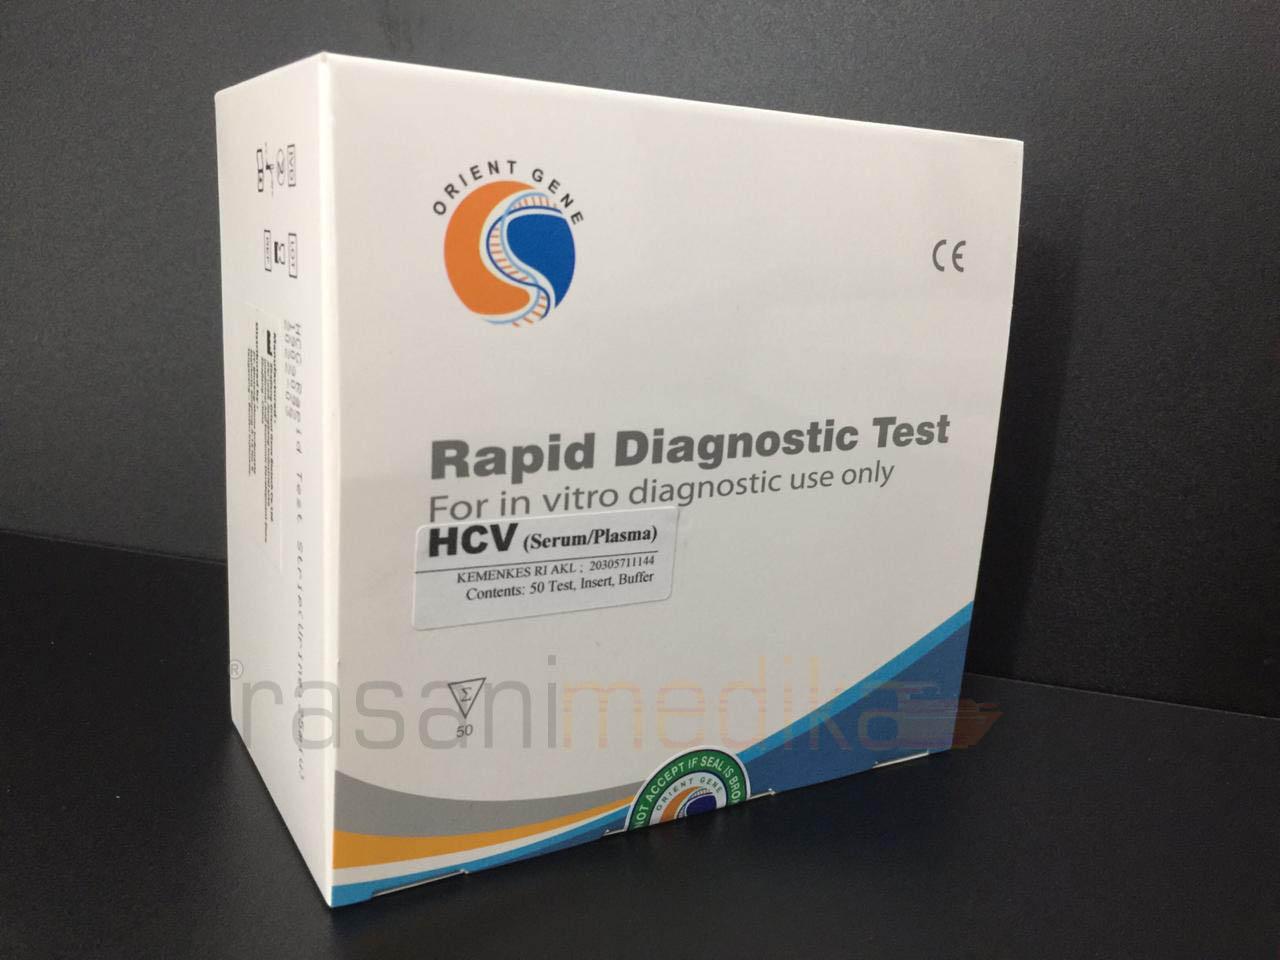 distributor Alat tes Narkoba Yang Akurat, toko Alat Tes Narkoba yang Akurat, jual Alat Tes Narkoba Yang Akurat, toko jual Alat Tes Narkoba Yang Akurat, Distributor Alat Test Penyakit Syphilis Orient Gene, Supplier Urine Test Syphilis merk Orient Gene Murah AkuratJual Test BZO Monotes, Jual Test Narkoba murah jakarta, MET Device Monotes   Methamphetamine Card Monotes, toko Alat Tes Narkoba Yang Akurat jakarta, biaya tes urine narkoba di rumah sakit, tes narkoba melalui darahjual rapid test monotes, harga rapid test monotes, rapid test monotes murah, distributor rapid test monotes, supplier rapid test monotes, toko jual rapid test monotes, grosir rapid test monotes, distributor alat kesehatan yang menjual produk Rapid Test, Narkoba Multi 5 Parameter Monotes harga murah, Rapid Test Murah Yang Jual Alat Test Narkoba Urine, Distributor Rapid Test Monotes Jakarta, Distributor Rapid Test Murah Jakarta, Multi Parameter secara grosir yaitu merk monotes, Harga Alat Tes Narkoba Monotes Akurat ini sangat murah, , Alat Test Narkoba 3 Parameter Harga Murah, Alat Test Narkoba 6 Parameter Harga Murah, Alat Test Narkoba 6 Parameter Murah Jakarta, Alat Test Narkoba Monotes 6 Parameter, Alat test Narkoba Murah Ciputat, Alat Test Narkoba Urine Murah Akurat, Alat Test Urine Narkoba Monotes, Alat Uji Akurat Narkoba Rapid Monotes, Alat Uji Narkoba Paling Akurat Monotes, Alkes Test Narkoba Murah Monotes, Harga untuk Alat Uji Tes Narkoba Akurat Dan Murah ini tergolong sangat bervariatif, alat test narkoba, jual test narkoba 3 parameter, distributor monotes , harga rapid monotes, multidrug 3 parameter murah, jual multidrug 3 parameter, toko jual alat test narkoba, Cek BZO pada urine, alat test narkoba murah, rapid test monotes jakarta, distributor rapid test monotes, alat test narkoba, alat test narkoba murah, Distributor Rapid Test MONOTES, harga Rapid Monotes, jual multi drug 3 parameter, jual test narkoba 3 parameter, multidrug 3 parameter murah, rapid test monotes jakarta, toko jual alat